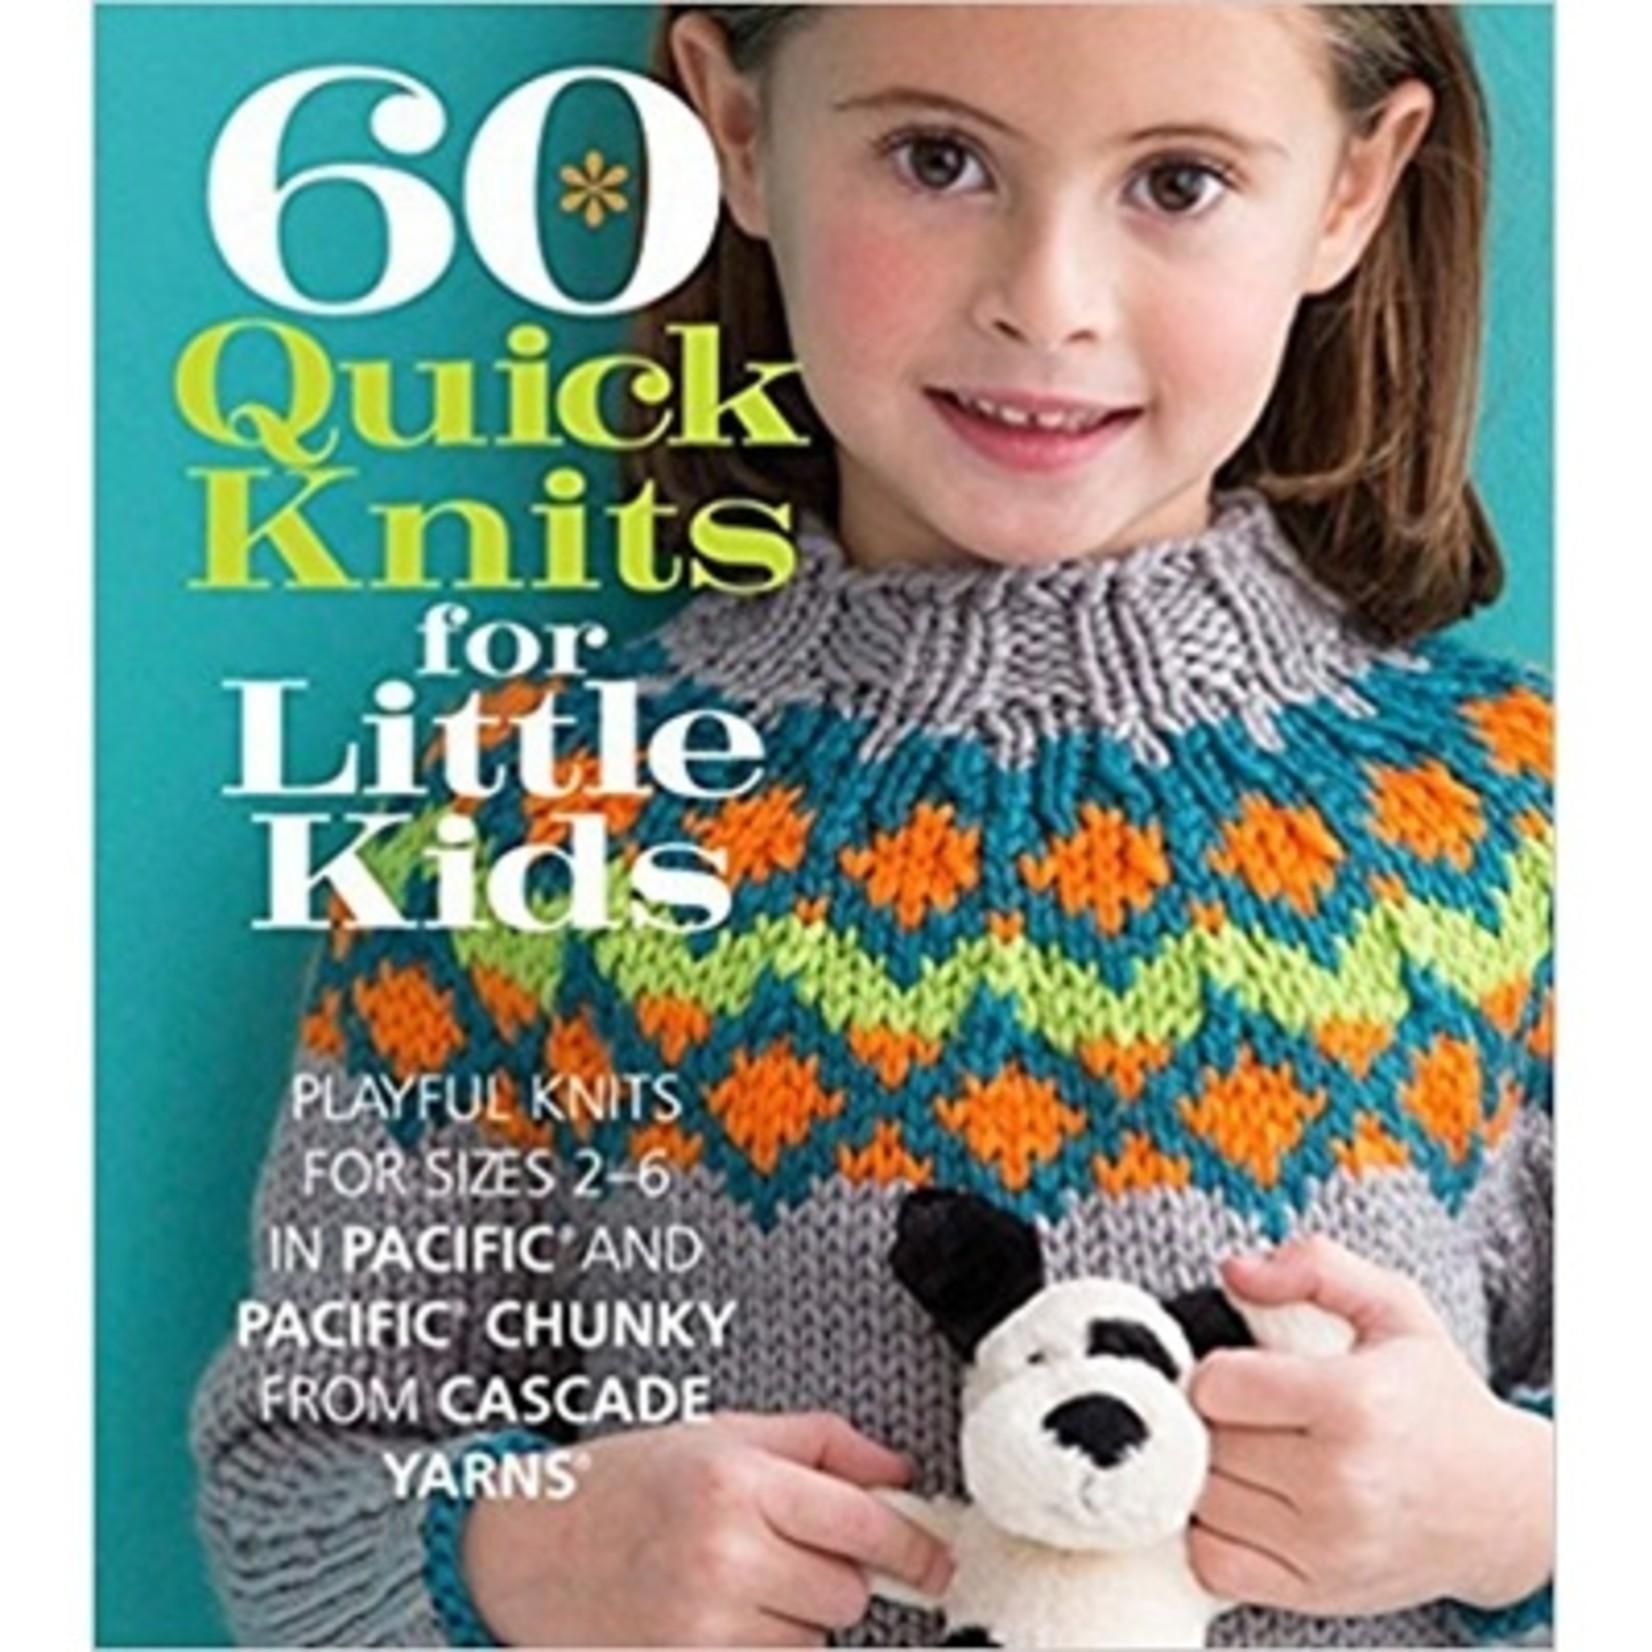 Cascade 60 Quick Knits For Little Kids